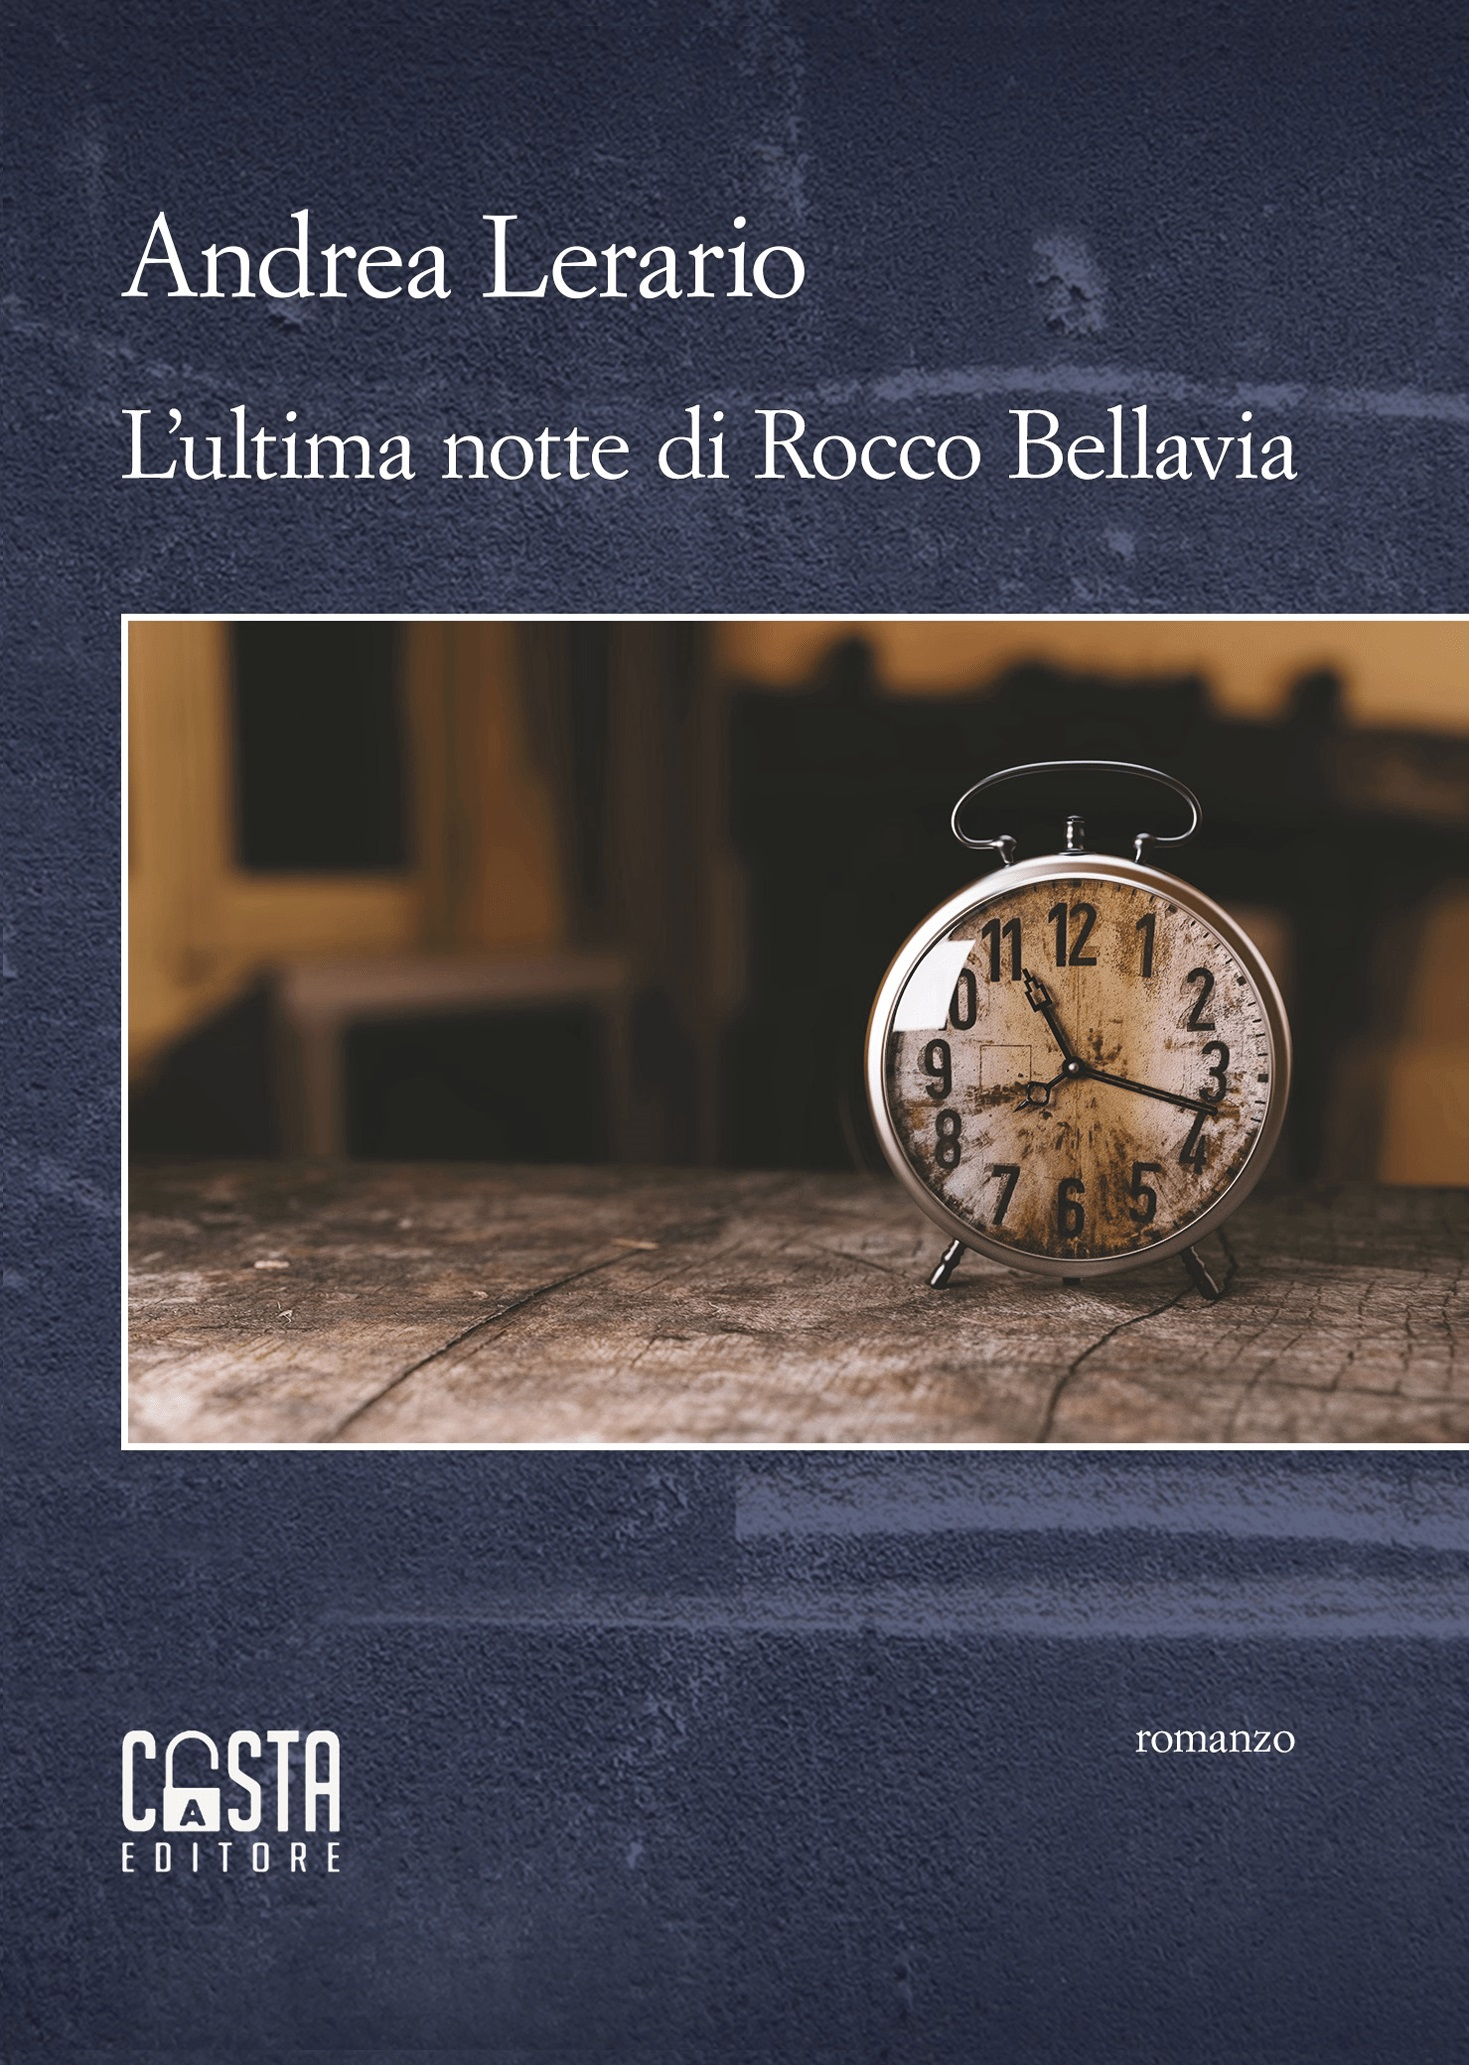 L'ultima notte di Rocco Bellavia